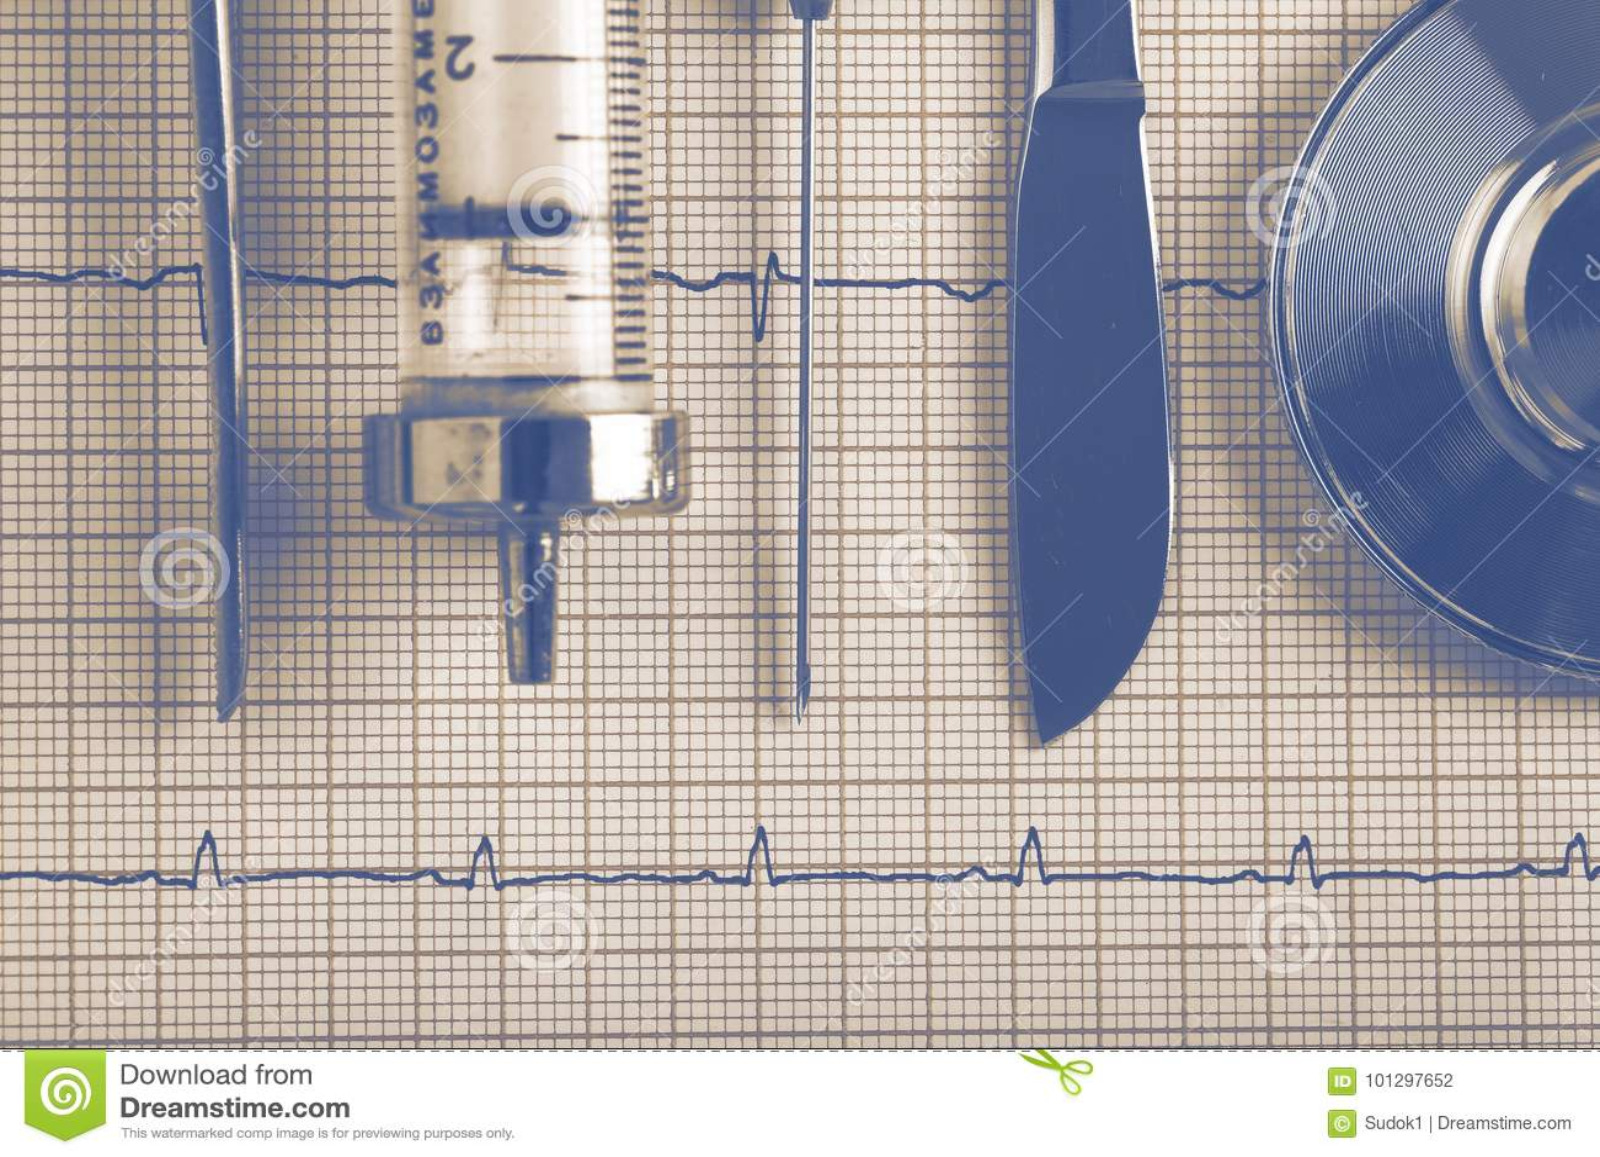 Εκλεκτής ποιότητας ιατρική εξάρτηση εργαλείων στο ECG